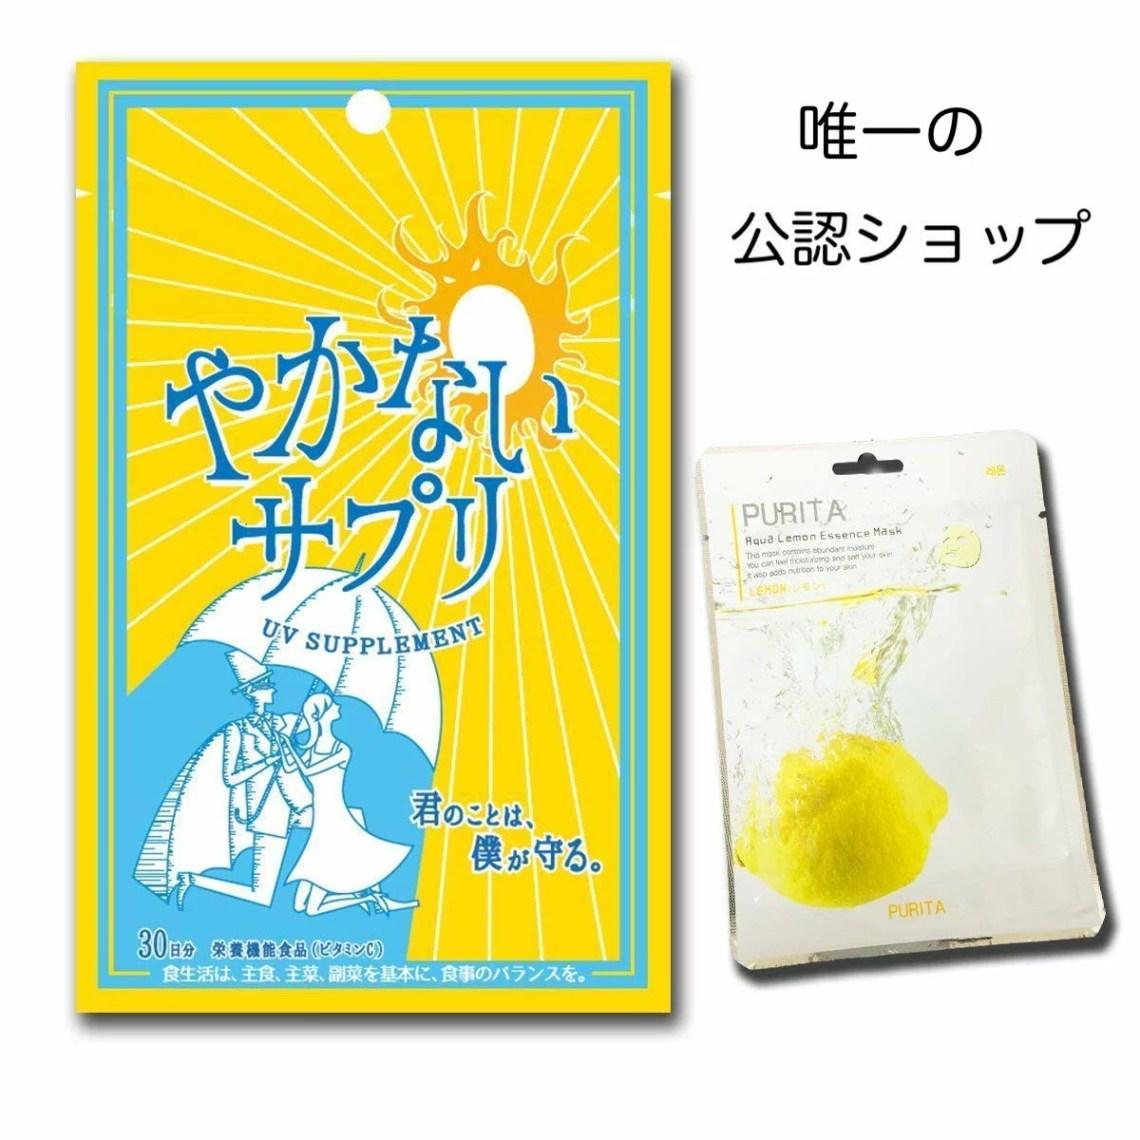 飲む日焼け止め 日焼け止めサプリ 日焼け止め サプリ ノンケミカル 飲む 日焼け止め 飲む日焼け止め